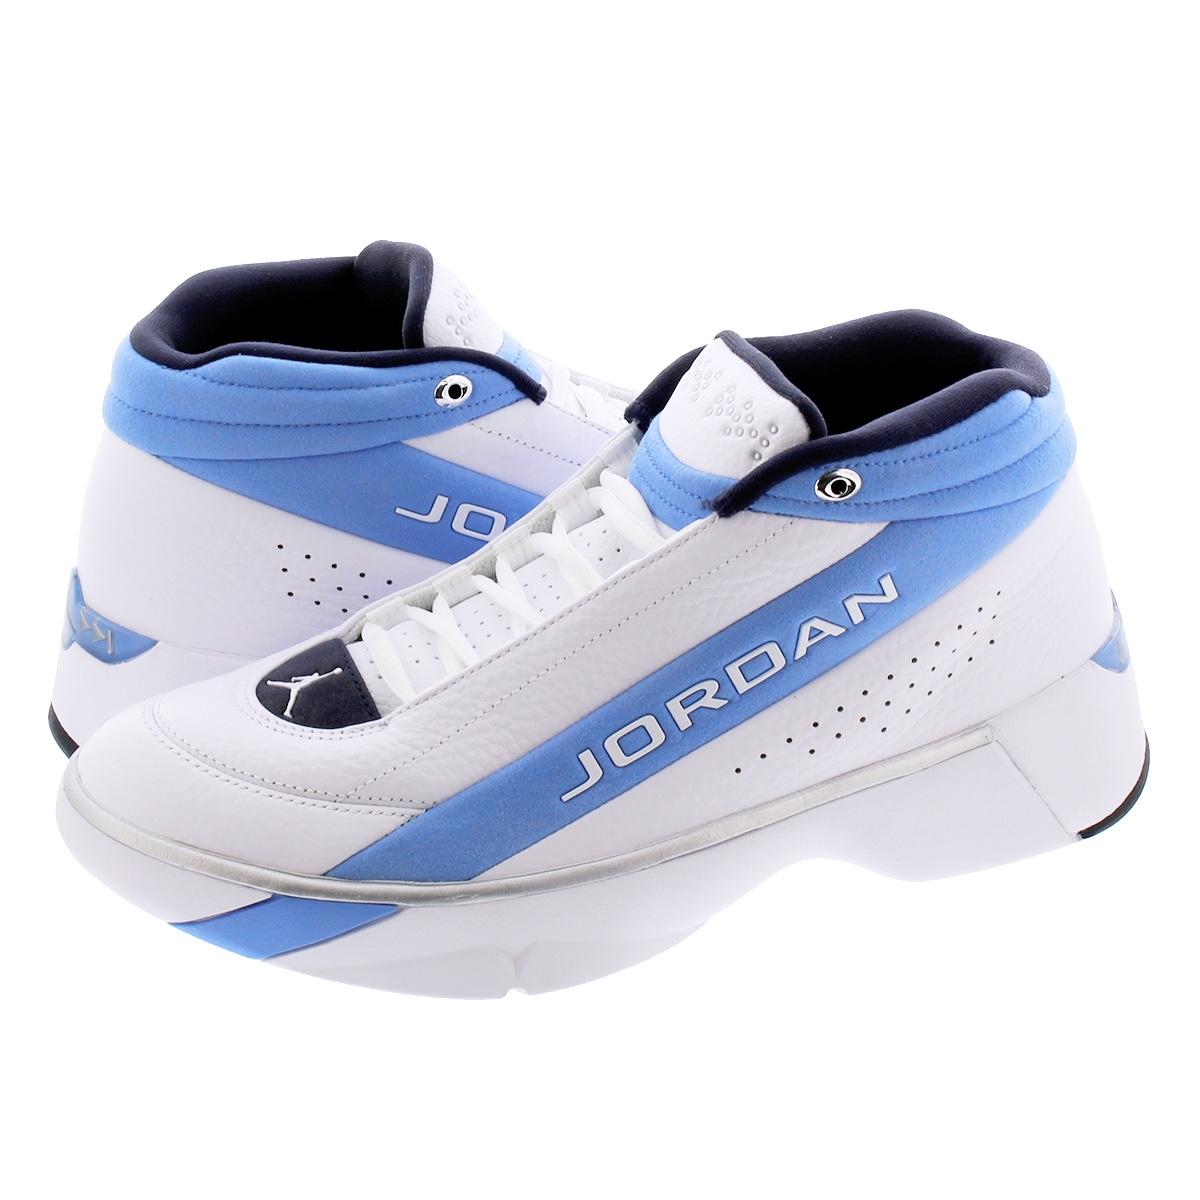 【ビッグ・スモールサイズ】 NIKE JORDAN TEAM SHOWCASE ナイキ ジョーダン チーム ショーケース TRUE WHITE/TRUE WHITE/LEGEND BLUE cd4150-104